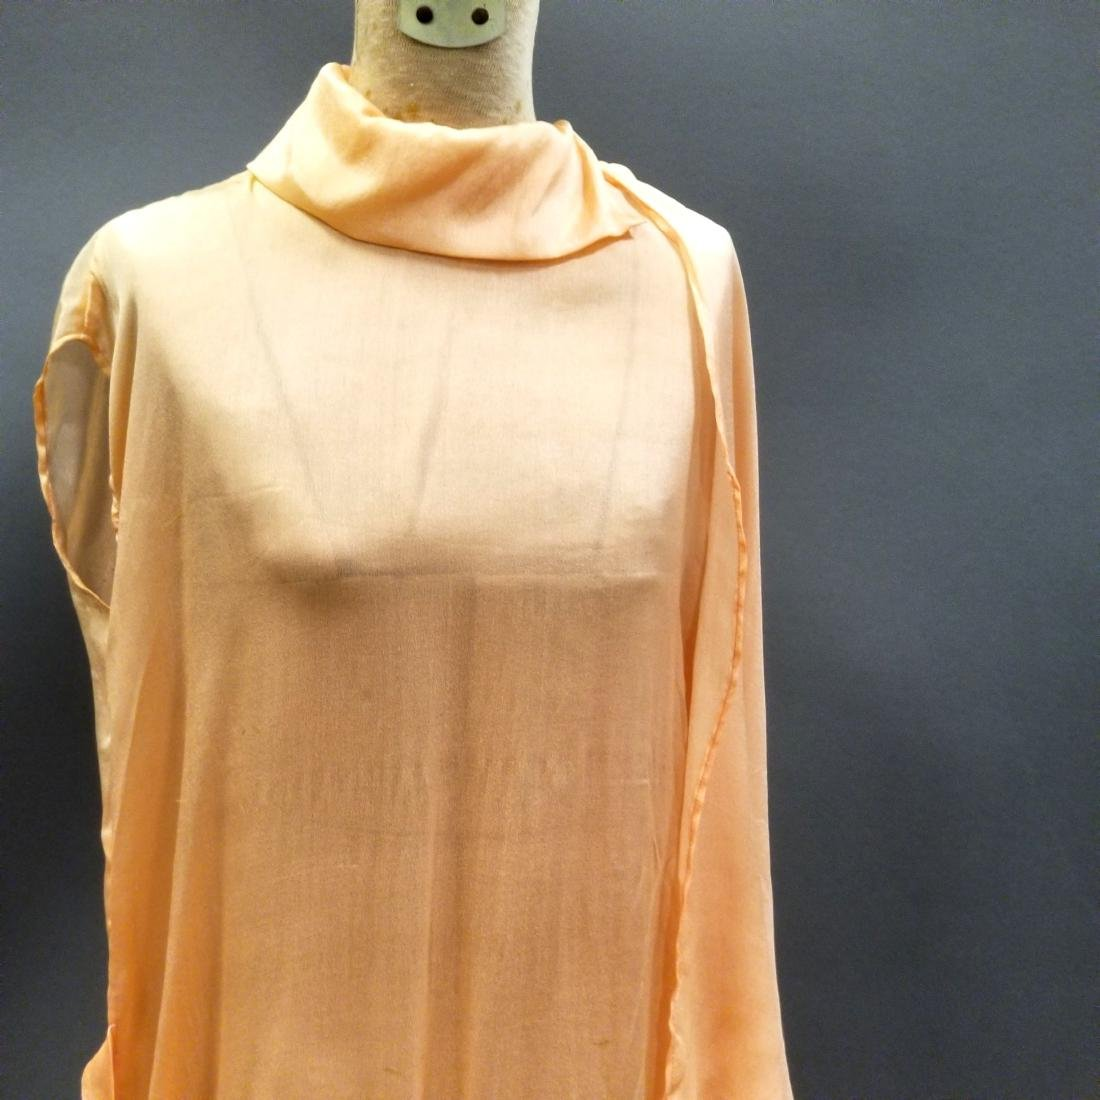 Youthful Peach Silk Dress - 3